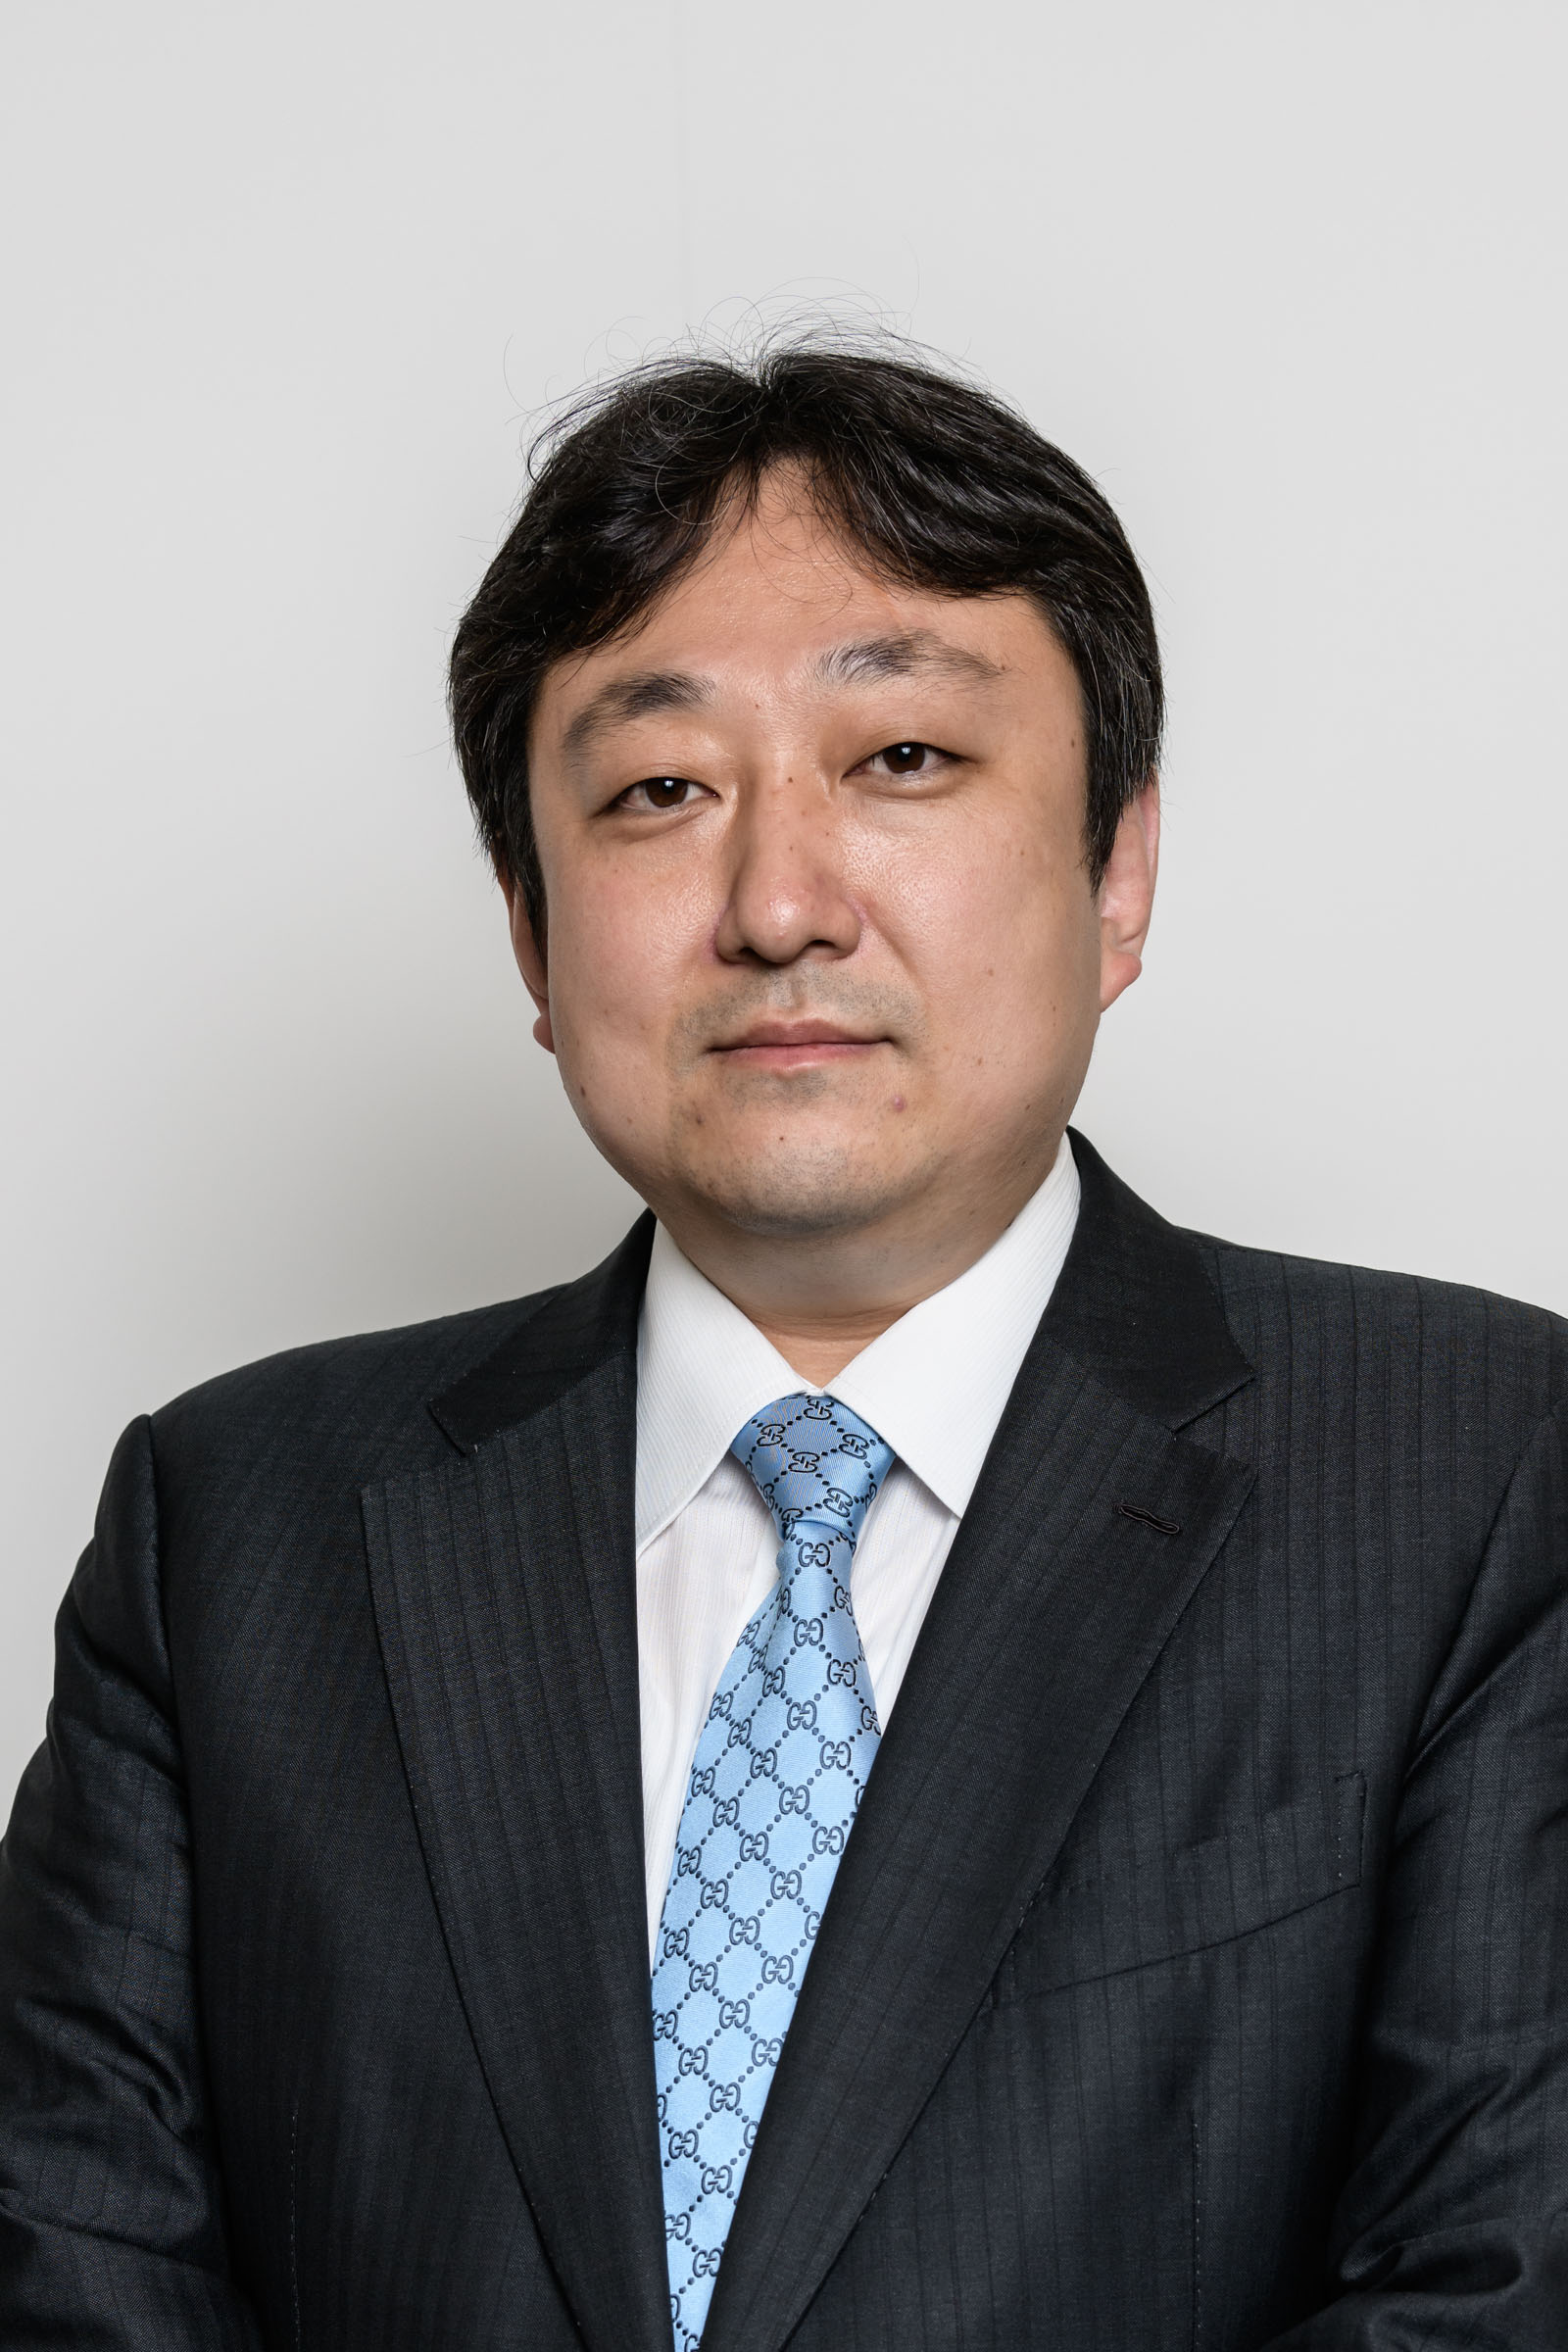 宮﨑 富夫(みやざき とみお)